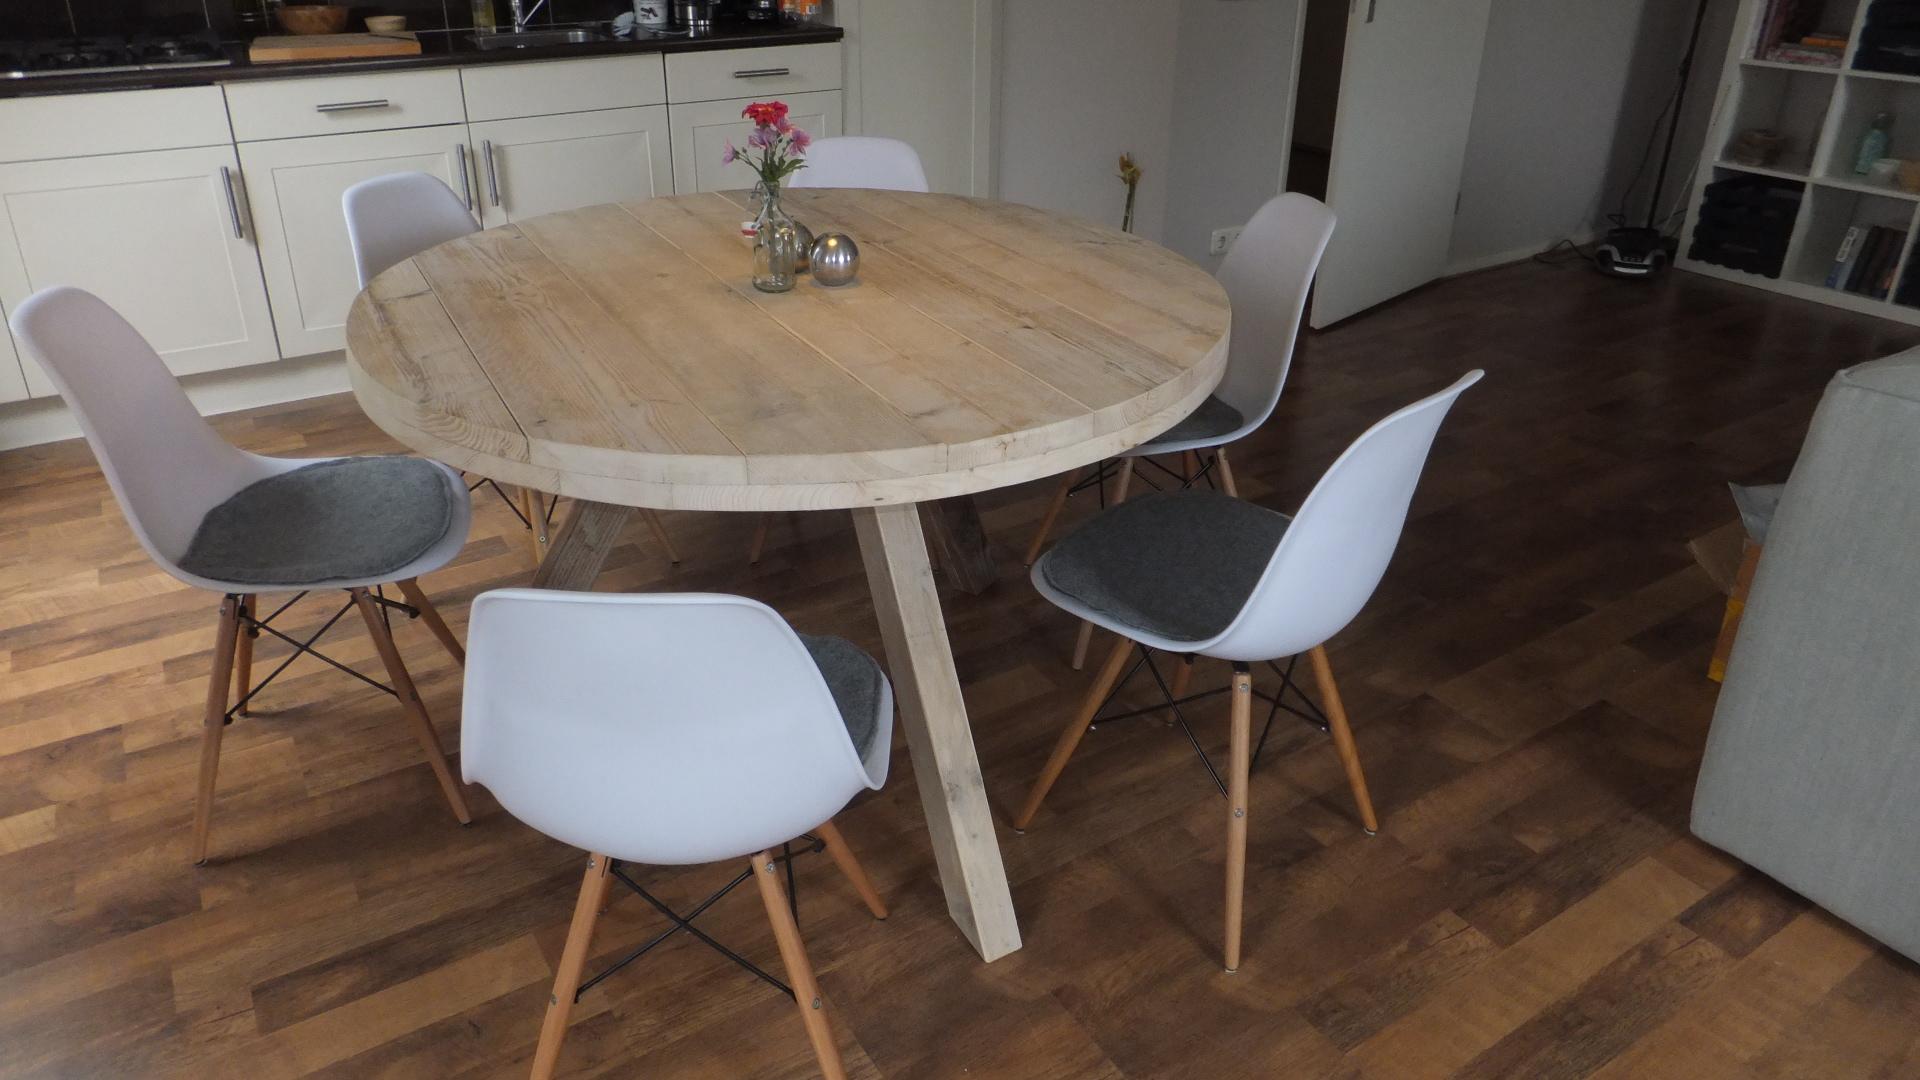 Steigerhouten ronde tafel - jl-meubelmaatwerk